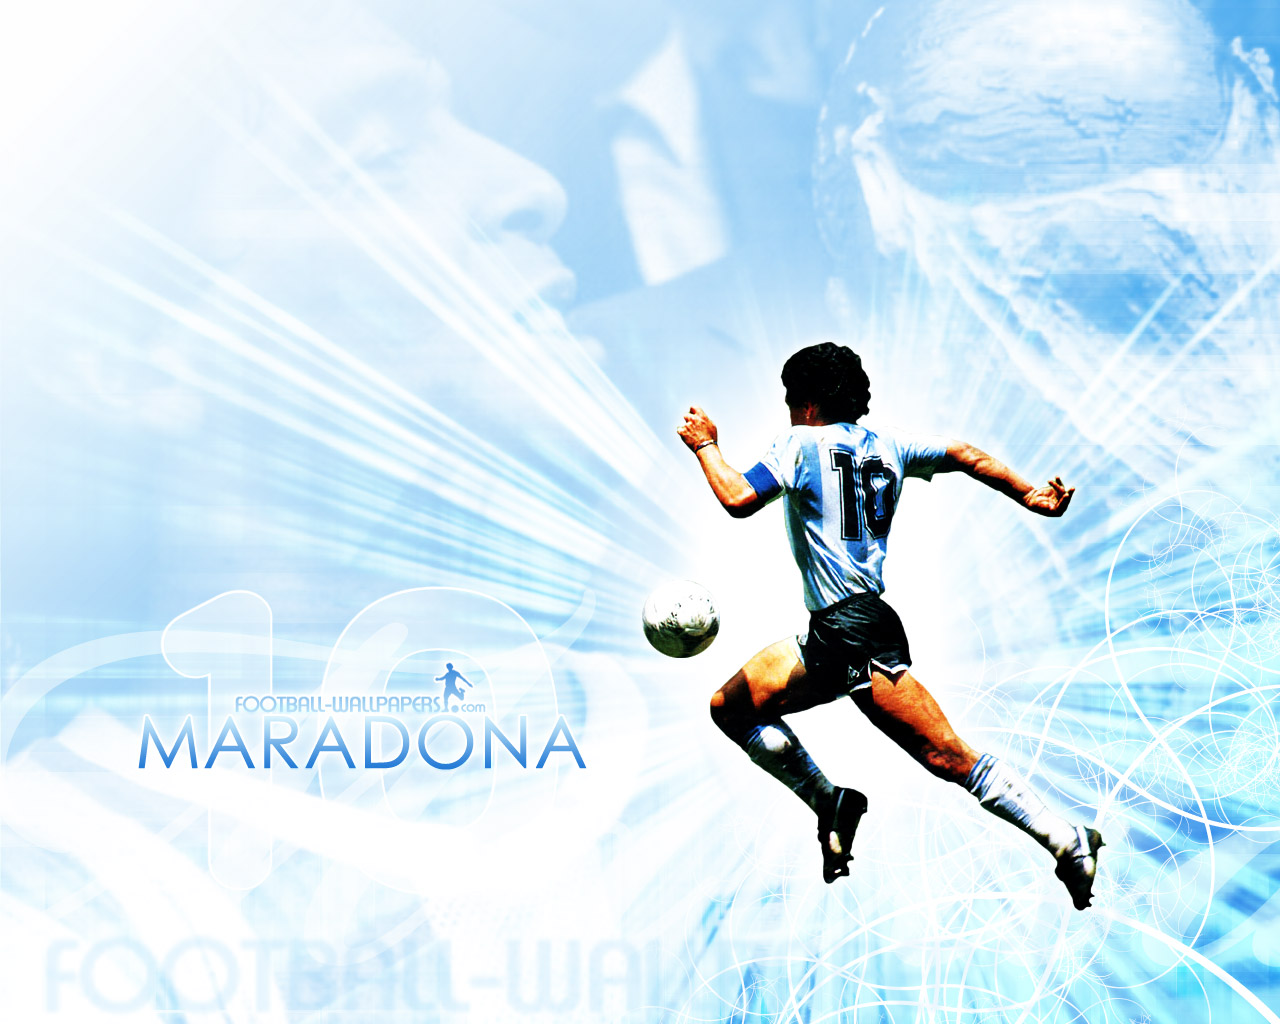 http://1.bp.blogspot.com/-l2NI3m7pHnk/T8jDefs5dqI/AAAAAAAAD2g/reH-xvLaPQc/s1600/Diego+Maradona+HD+Wallpapers+06.jpg